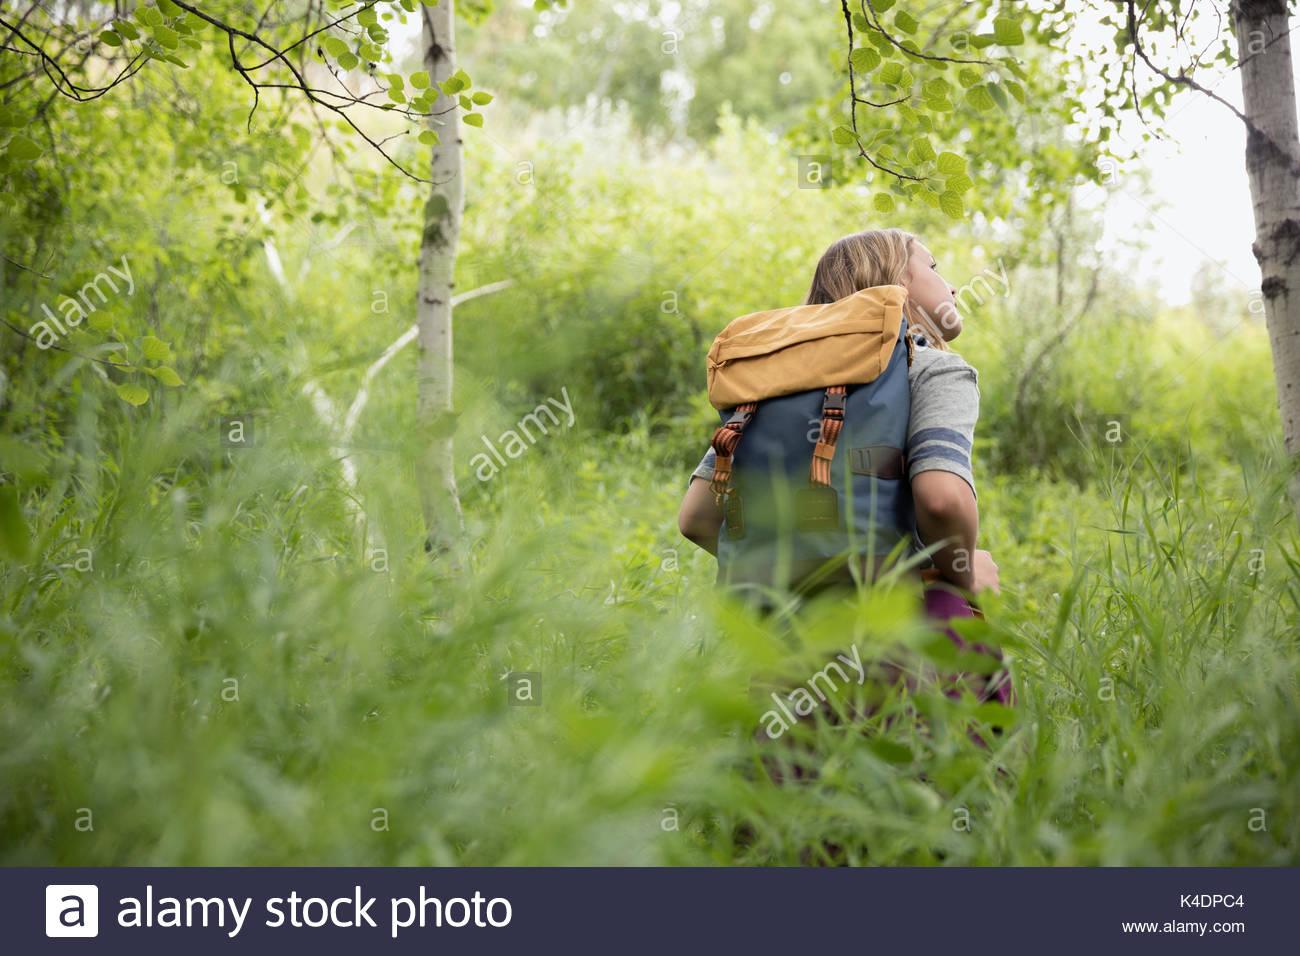 Curioso ragazza adolescente con zaino escursionismo in erba alta nei boschi Immagini Stock